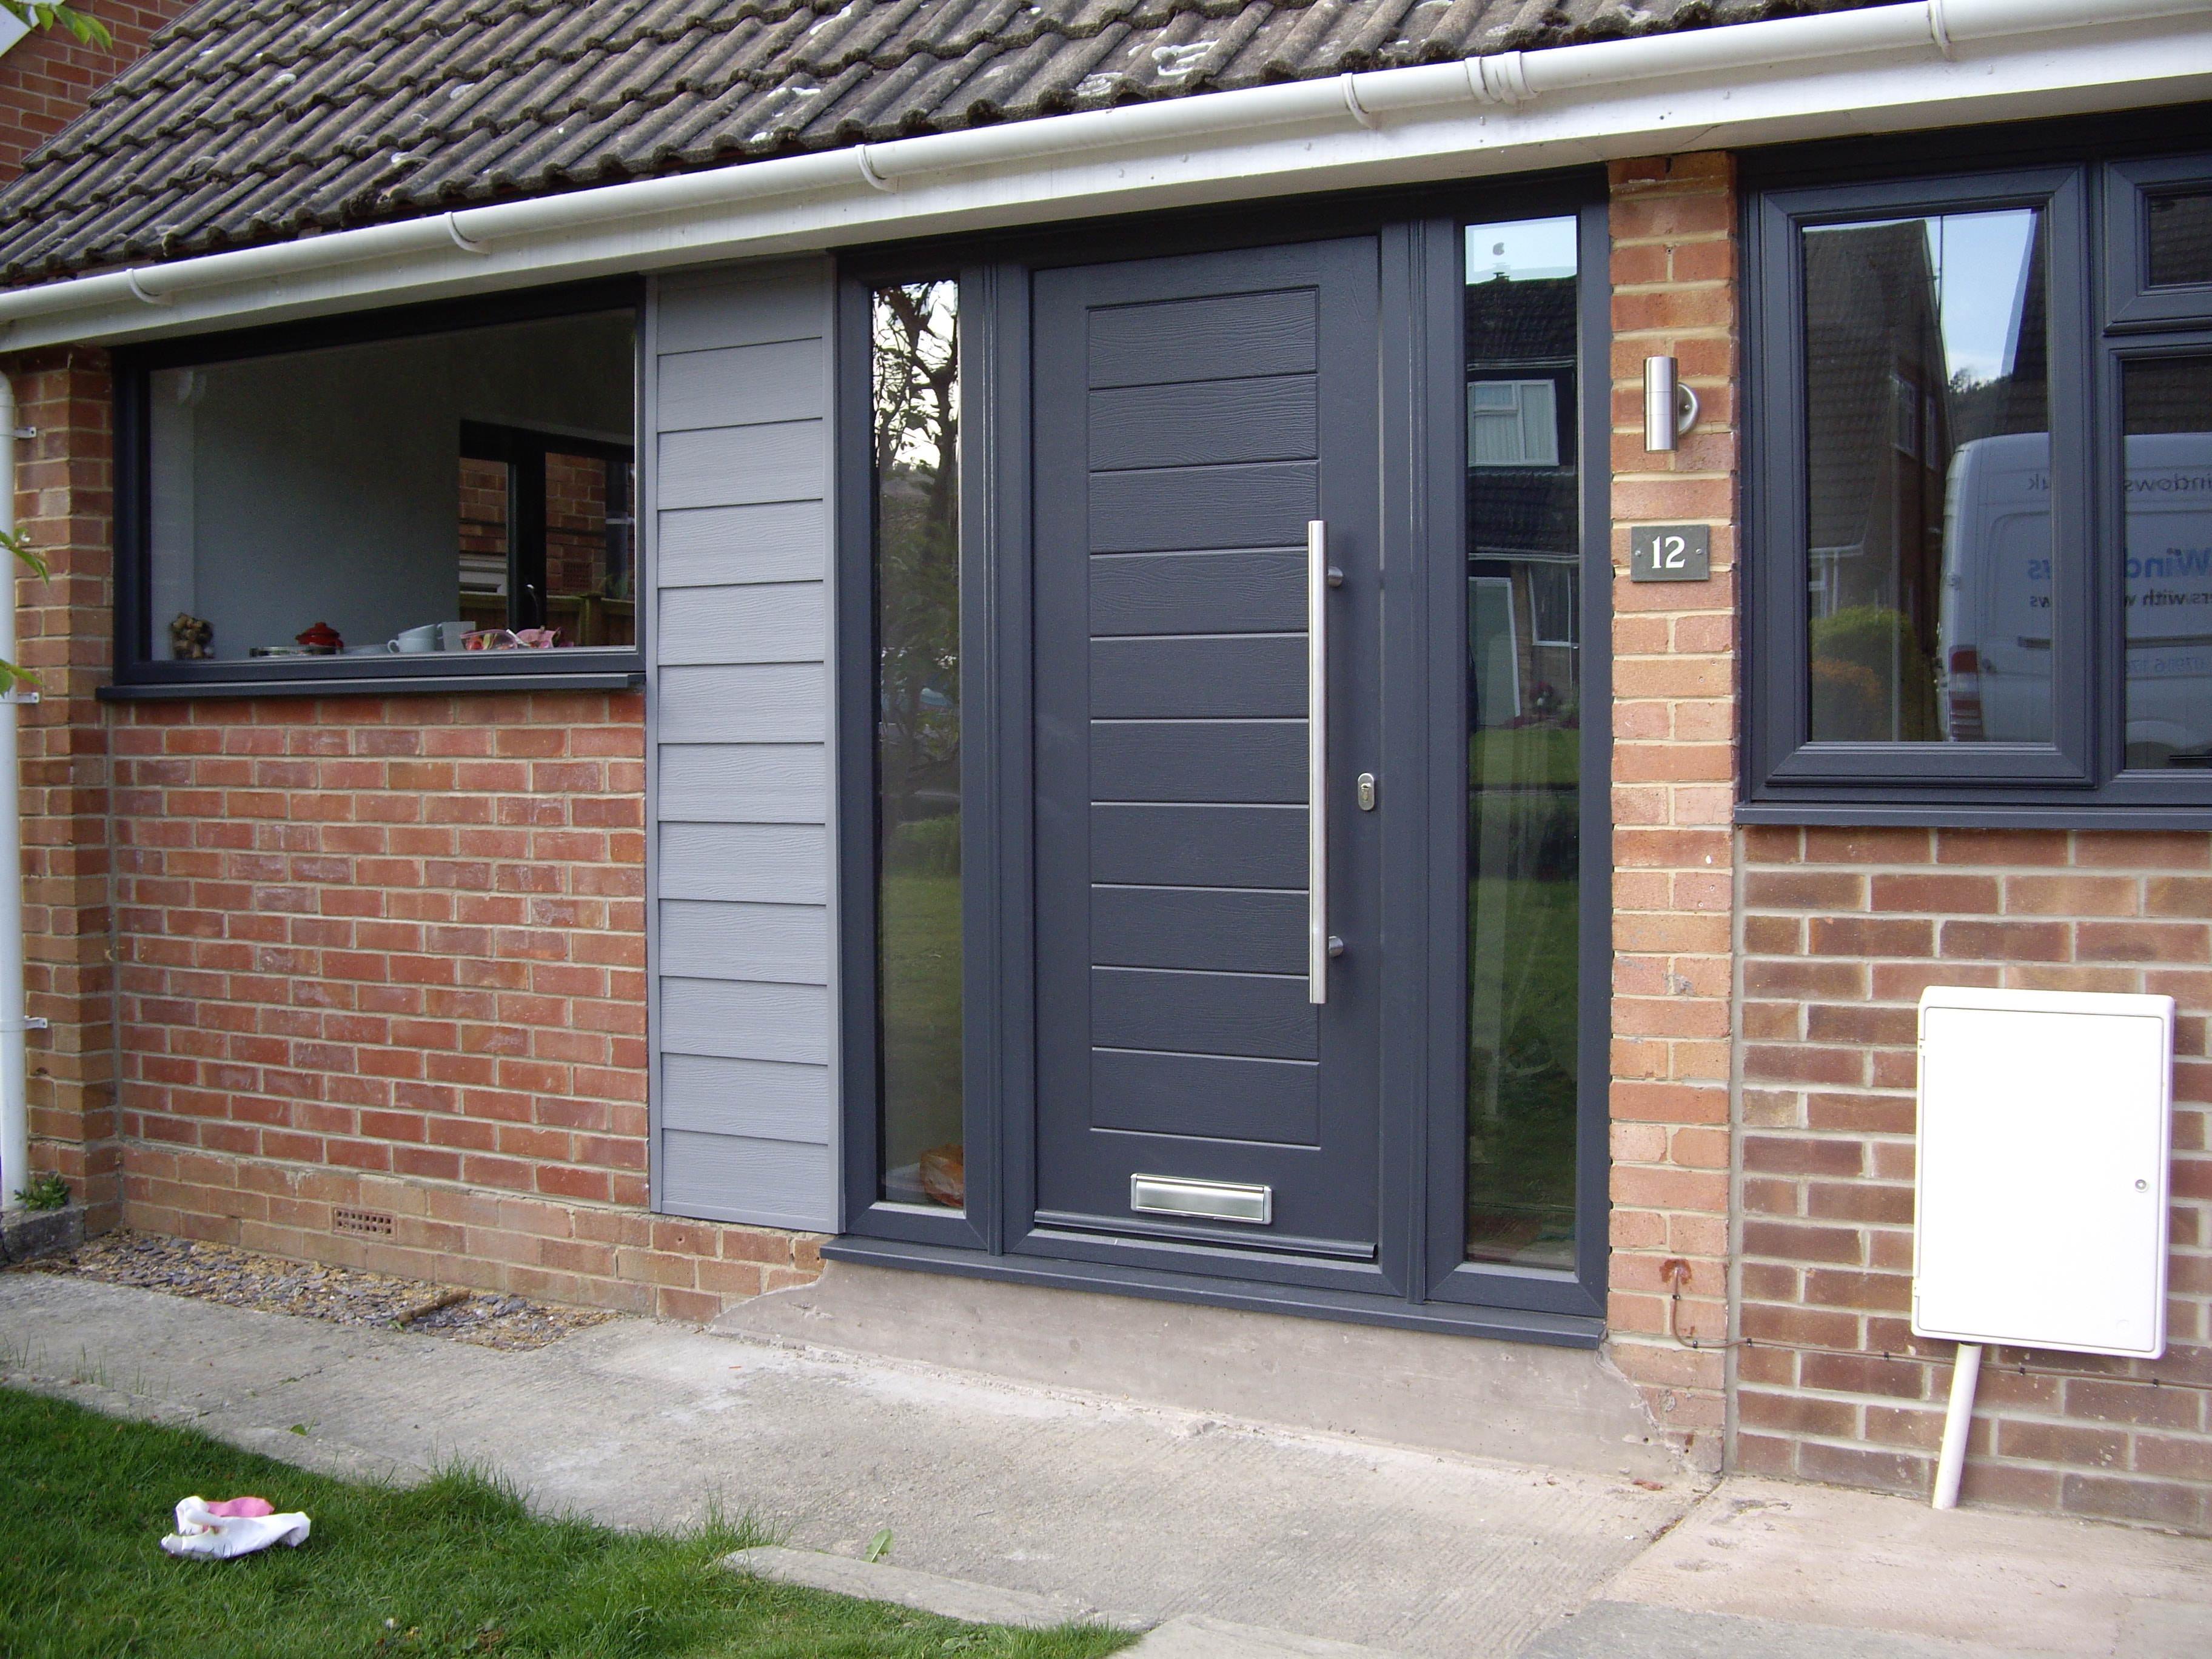 Composite Doors Vs uPVC Doors   Endurance Doors   Composite Doors ...